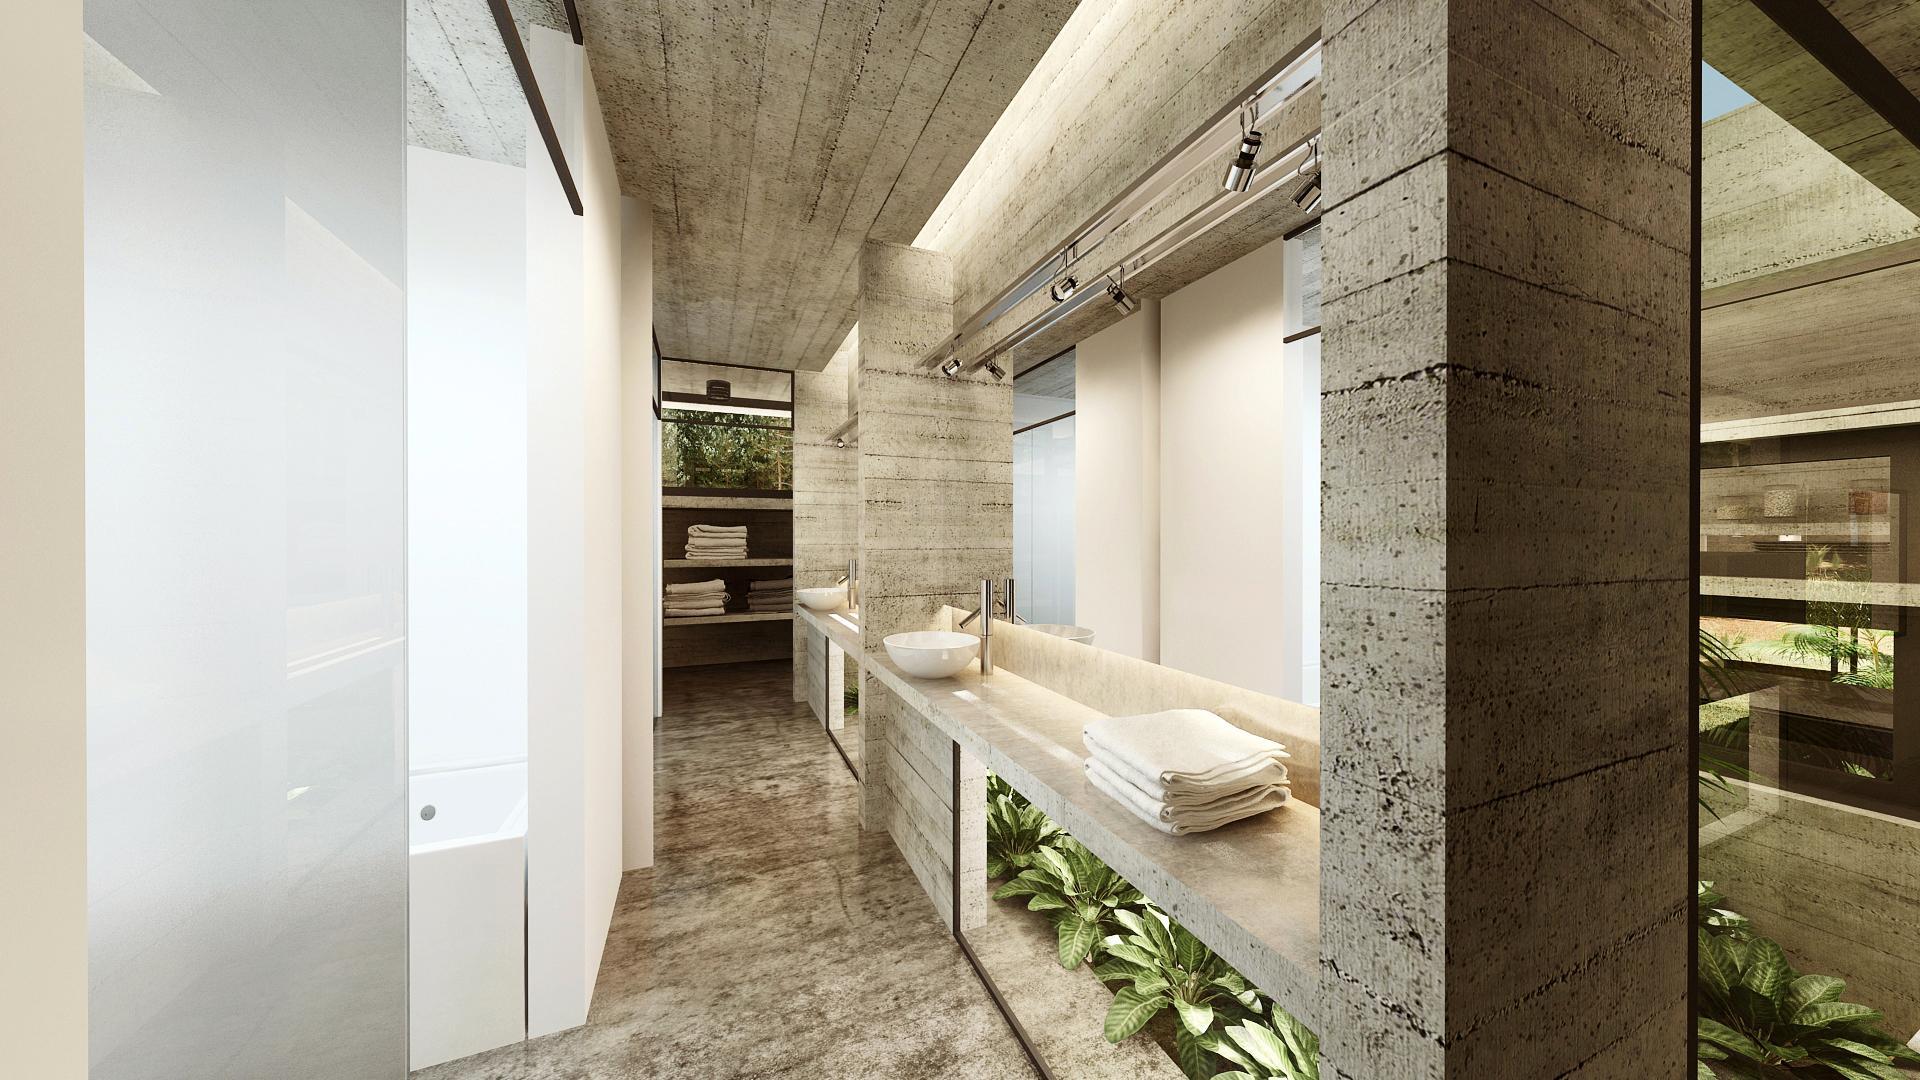 Concrete Forrest House in Costa Esmeralda by Besonias Almeida Arquitectos15